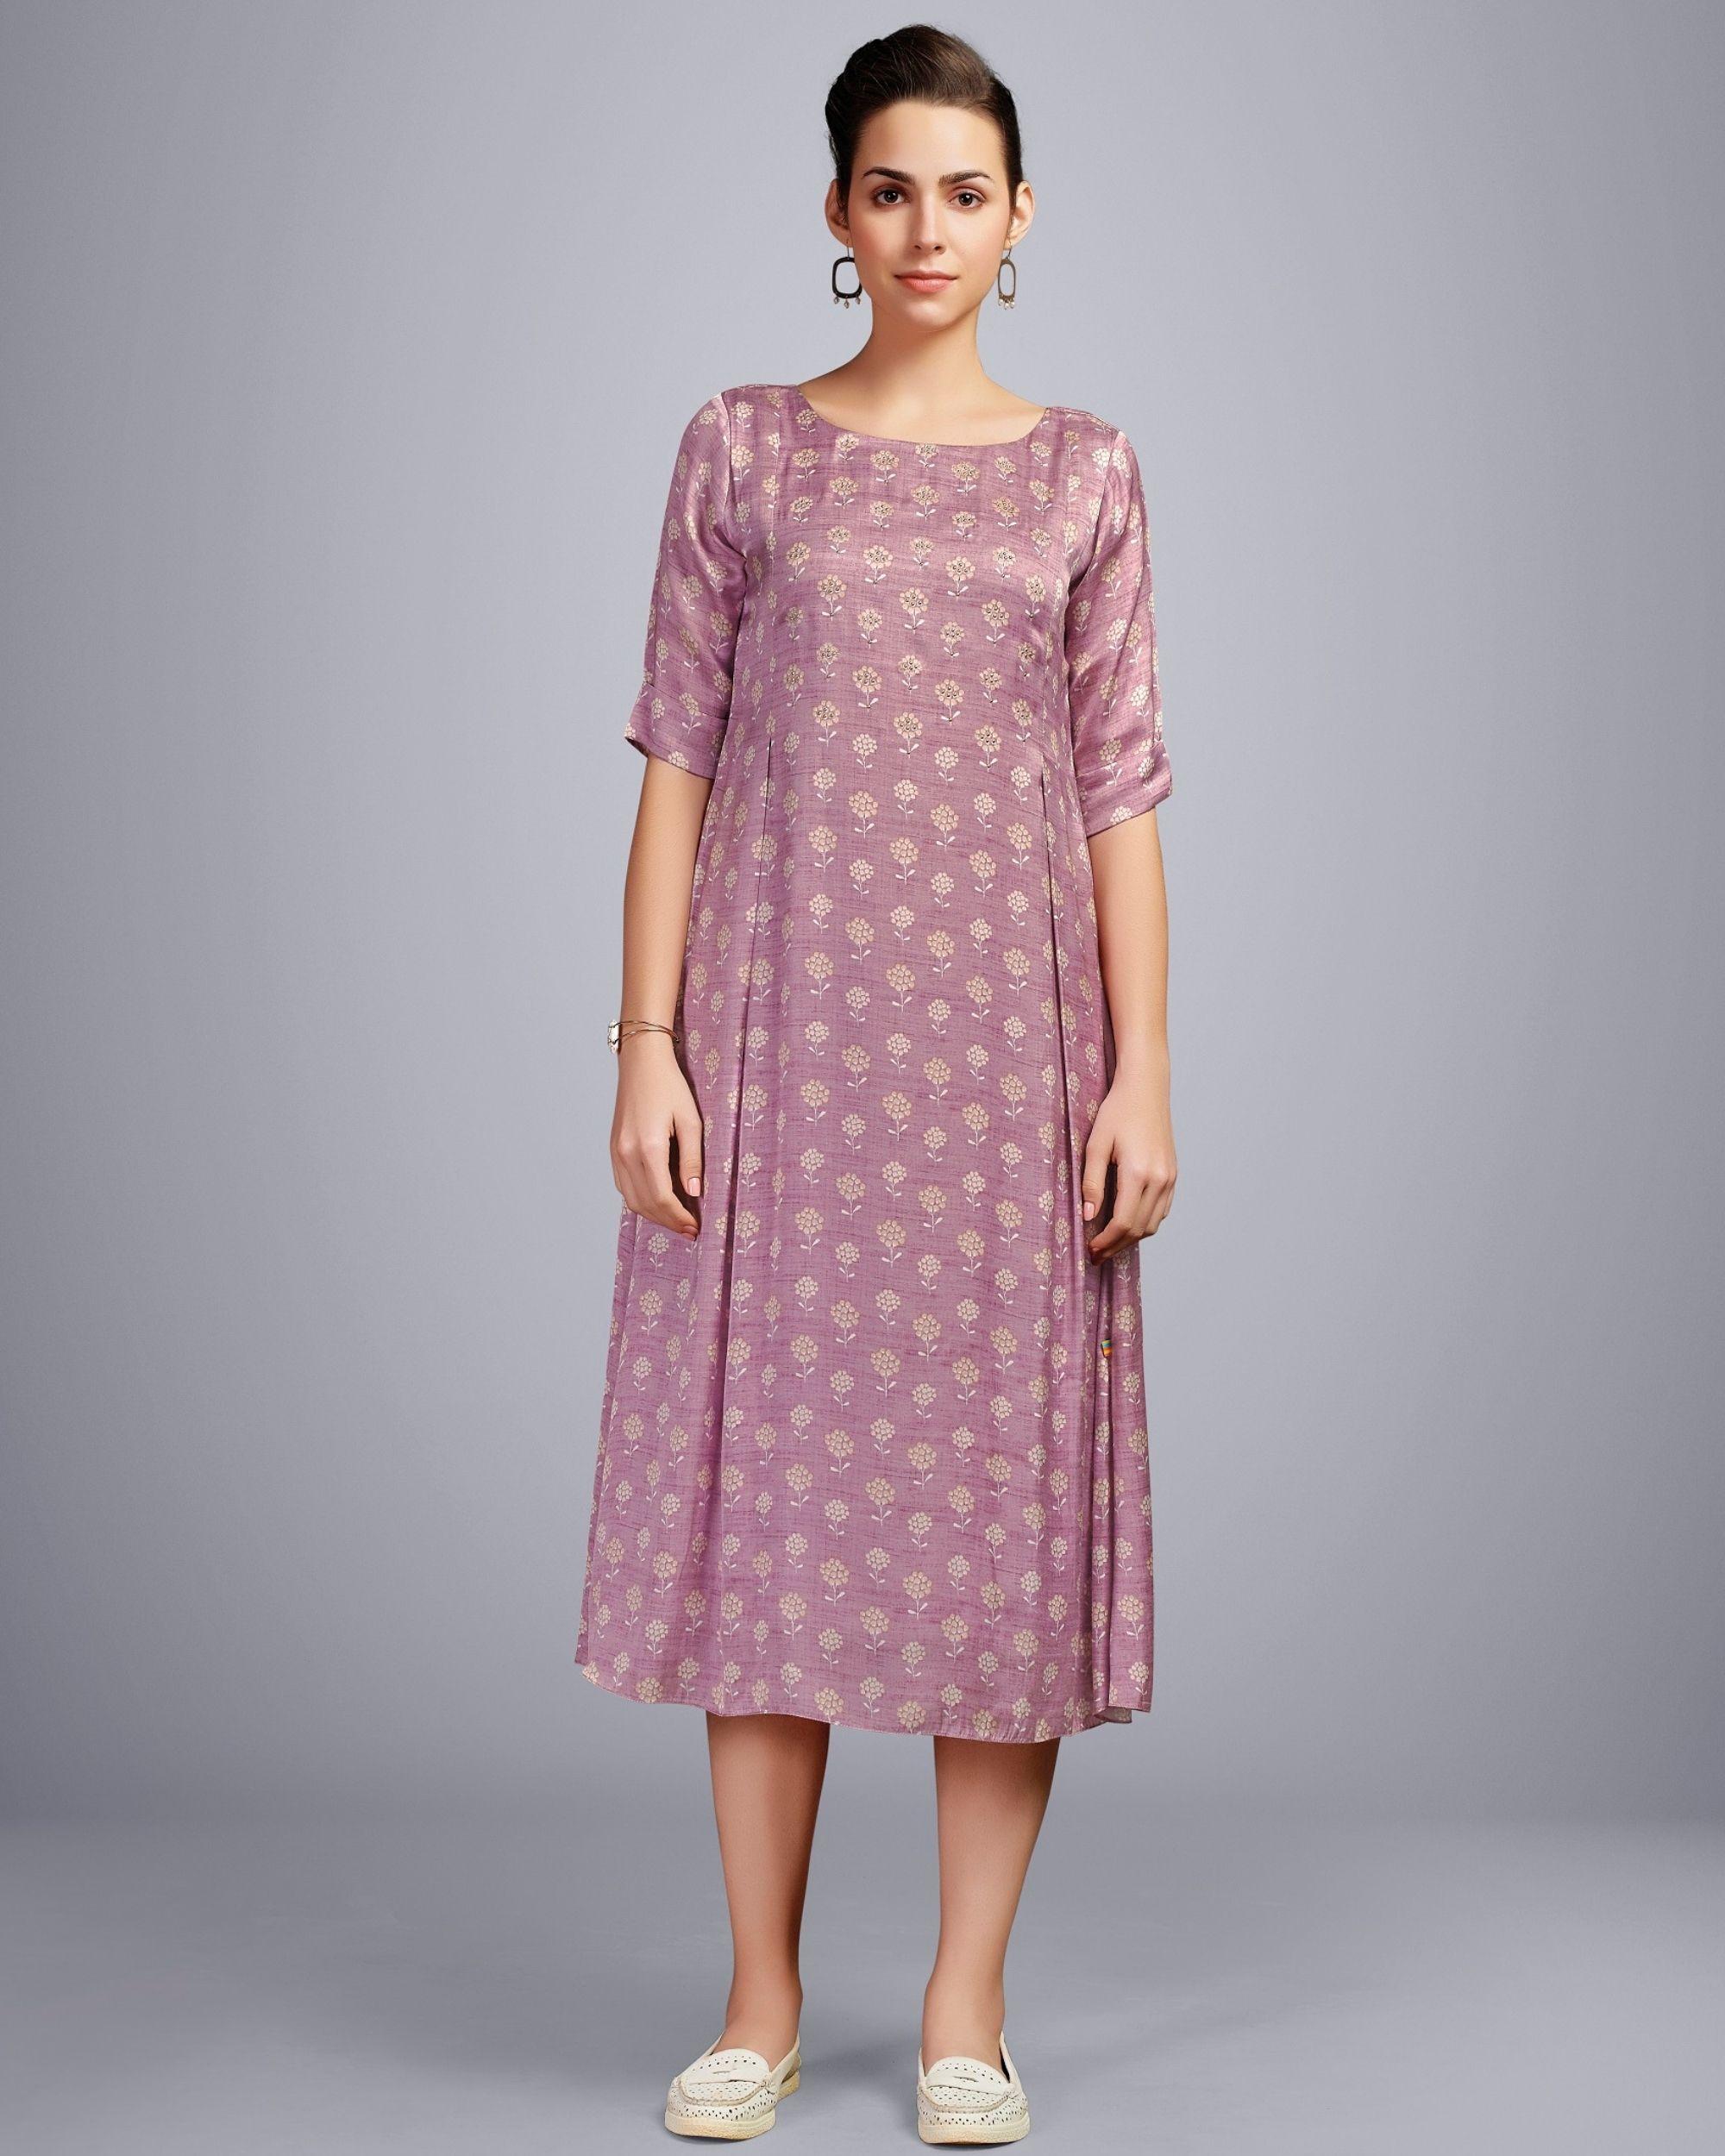 Lavender embellished digital printed dress